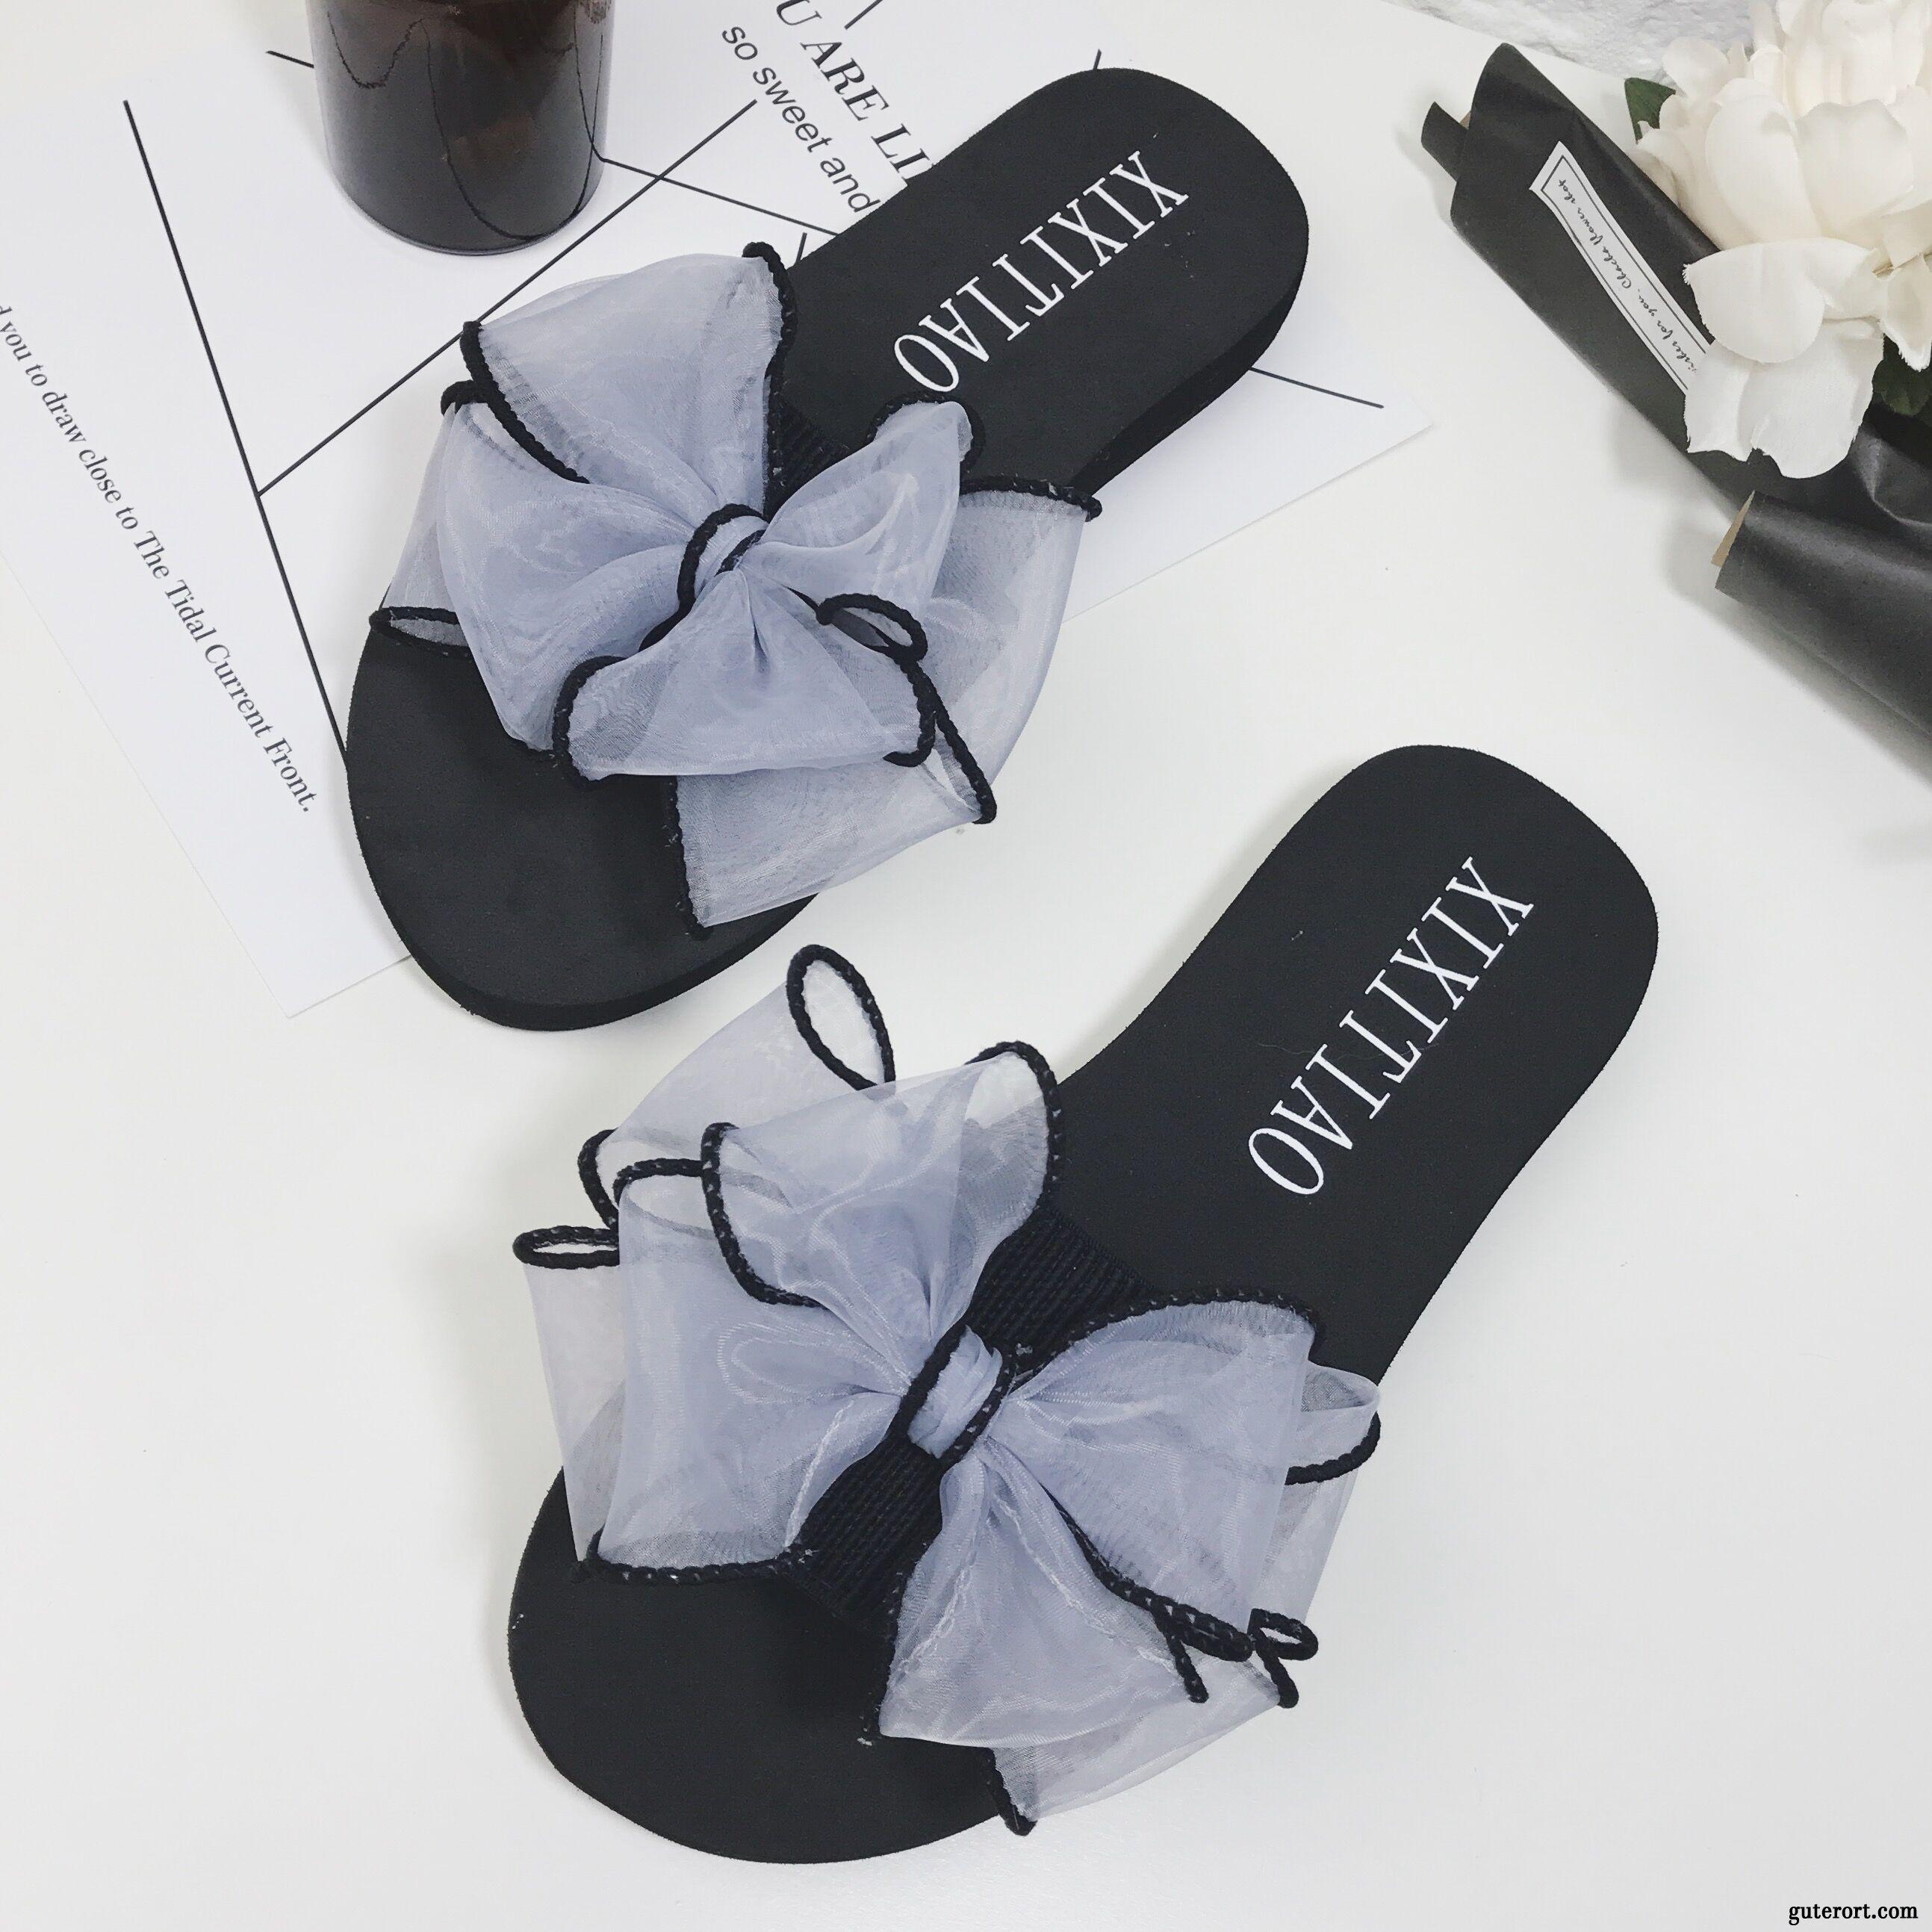 finest selection 75108 47080 Schöne Schuhe Damen Billig, Hauspantoffeln Für Damen ...